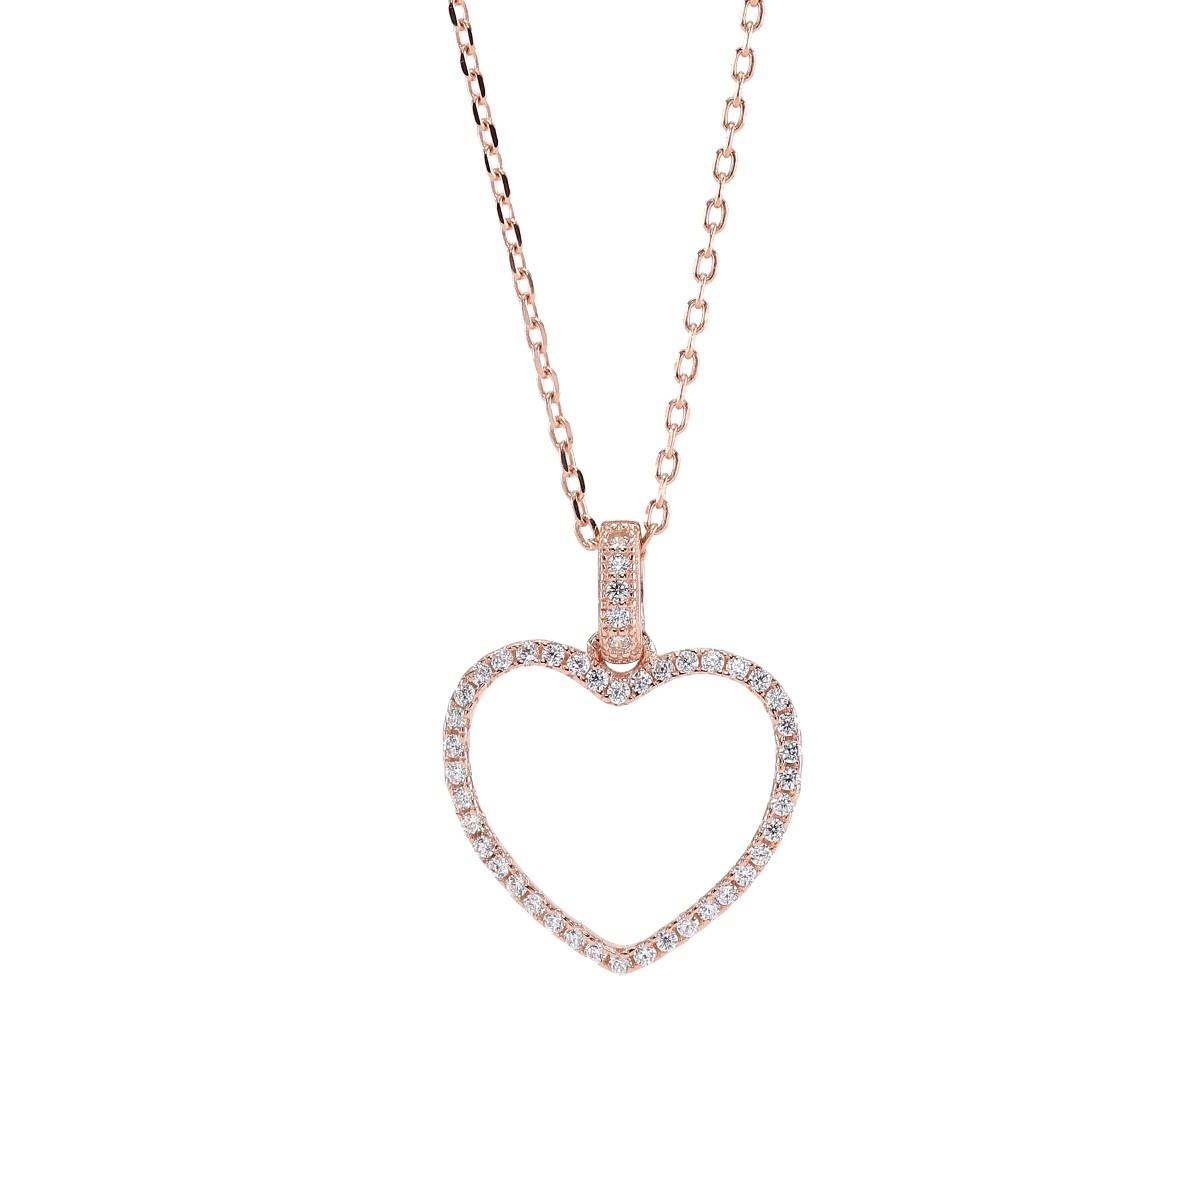 Joanli Aida rosaforgyldt halskæde med stor hjerte, 42+3 cm kæde